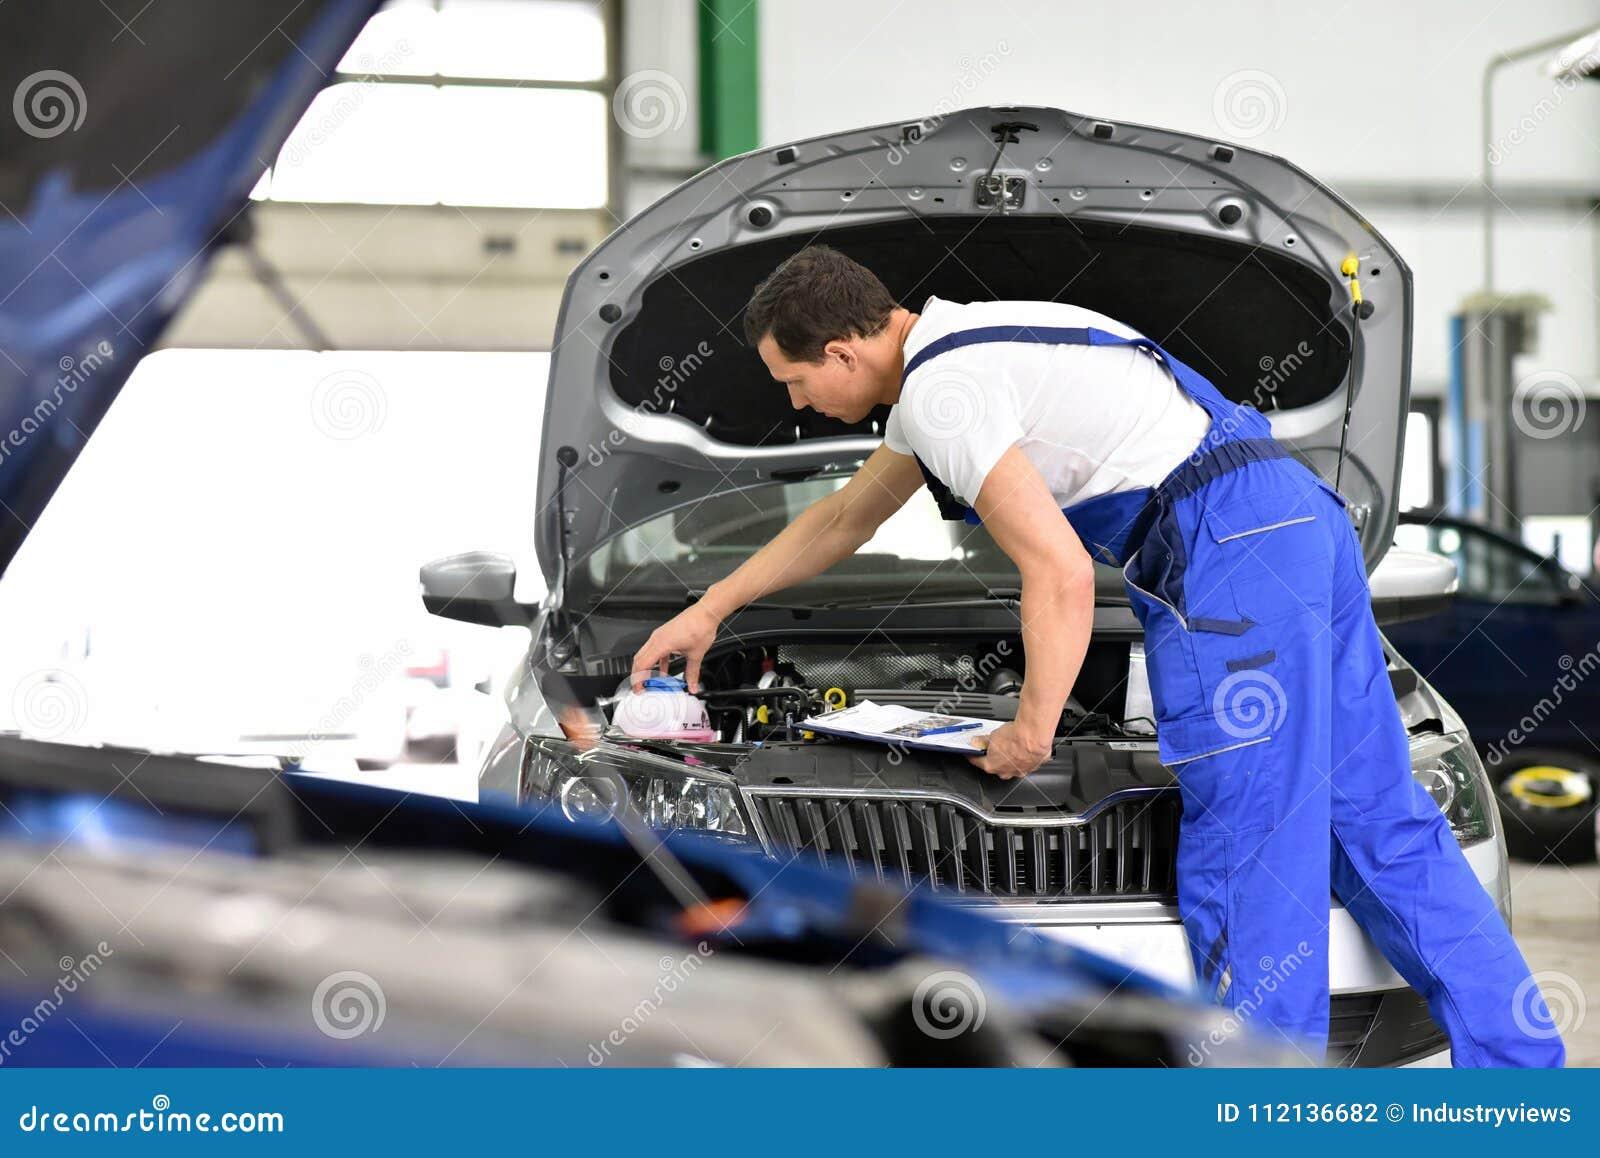 Mecânico de carro em uma oficina - reparo e diagnóstico do motor em uma VE